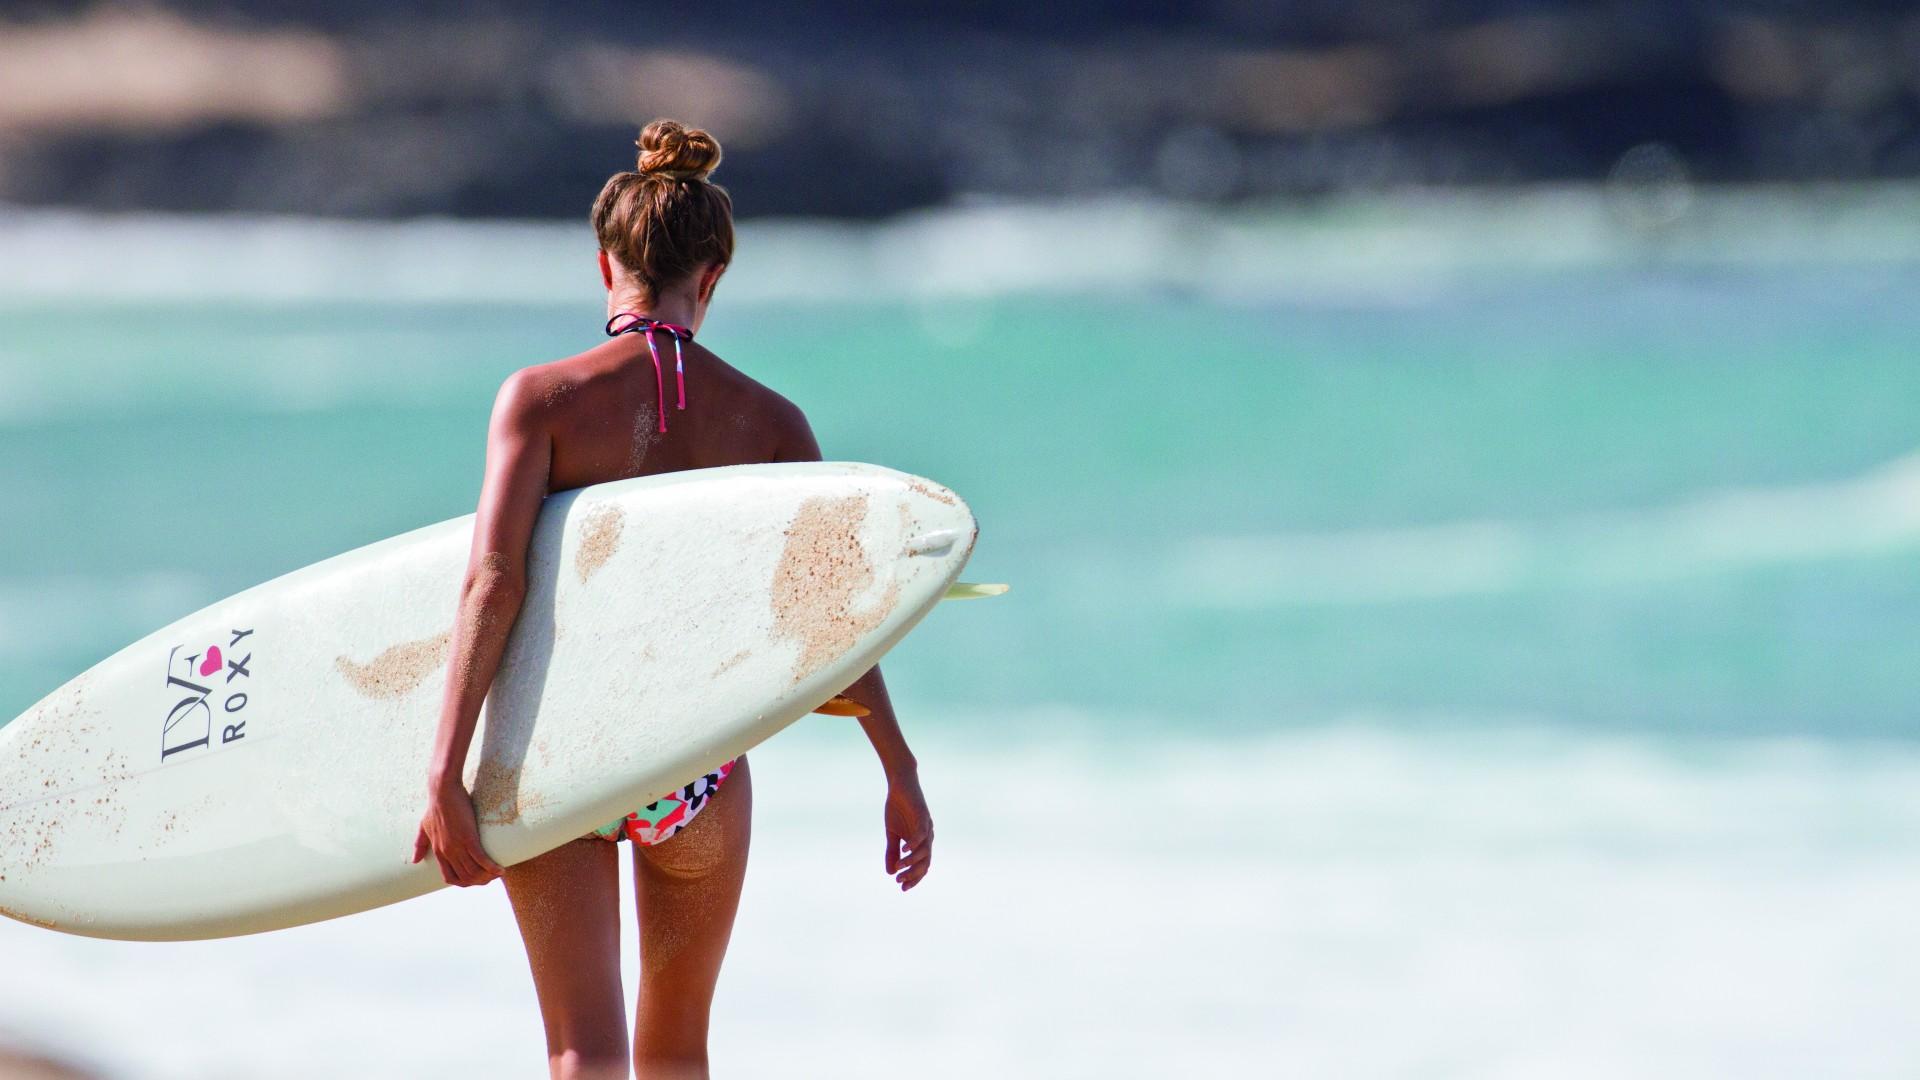 surfer girl desktop wallpaper 58688 1920x1080 px ~ hdwallsource